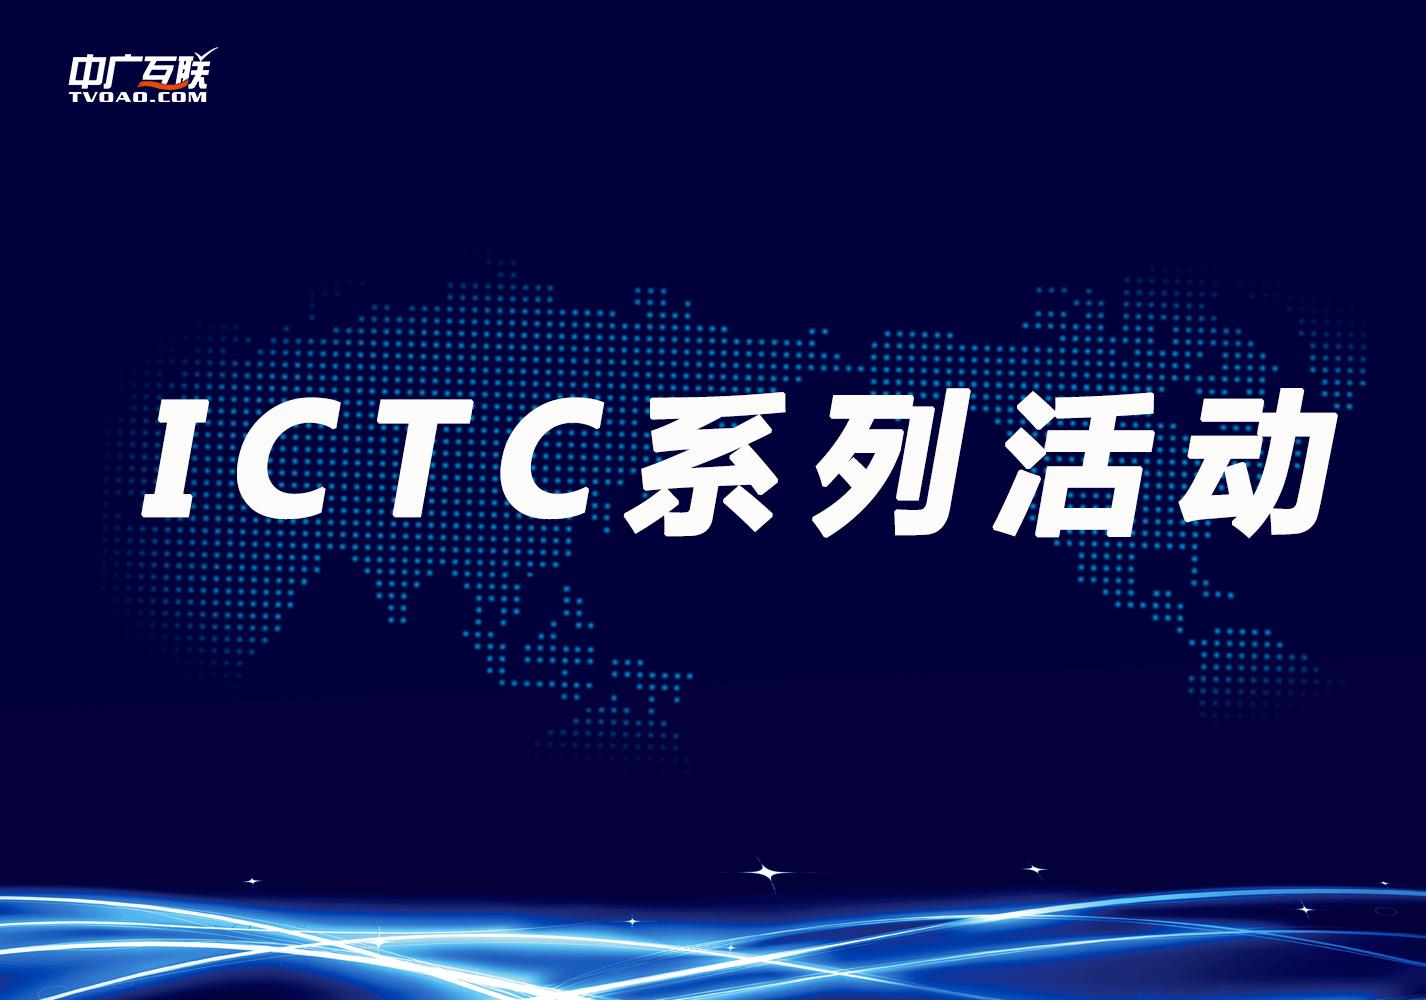 ICTC系列活动